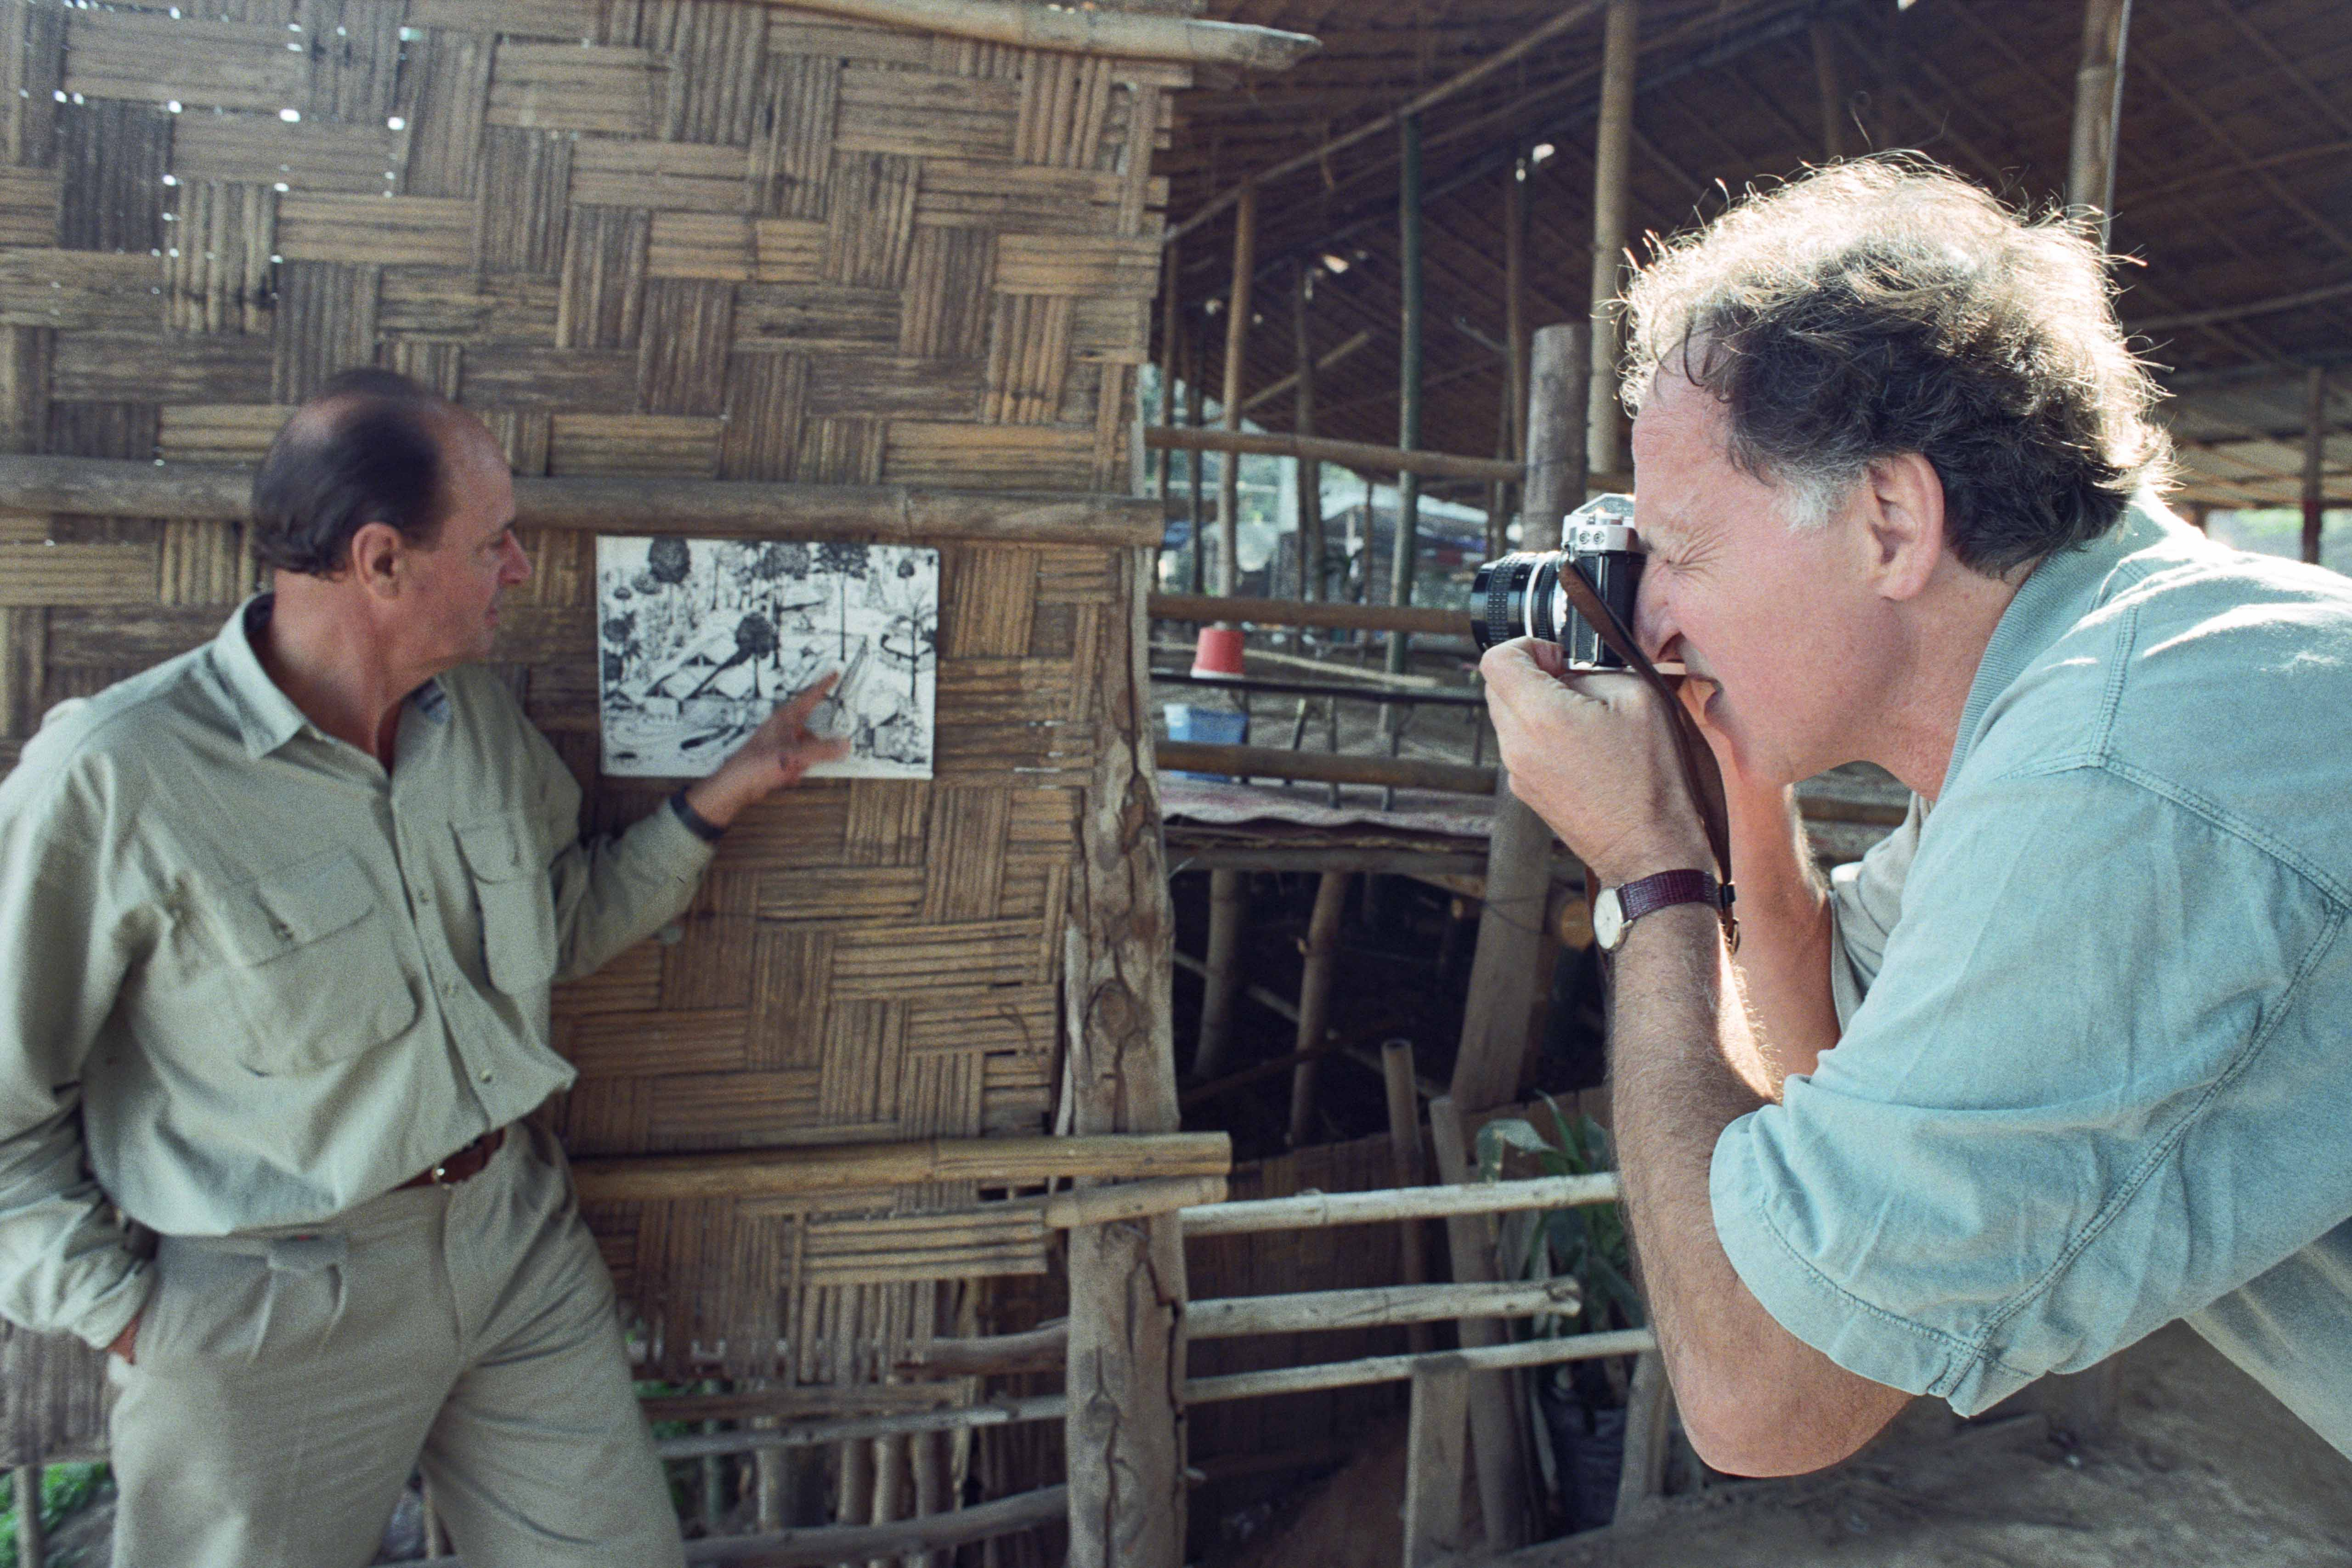 Behind the scenes of the film Little Dieter Needs to Fly / Flucht aus Laos (Höllenfahrten, Episode 1)